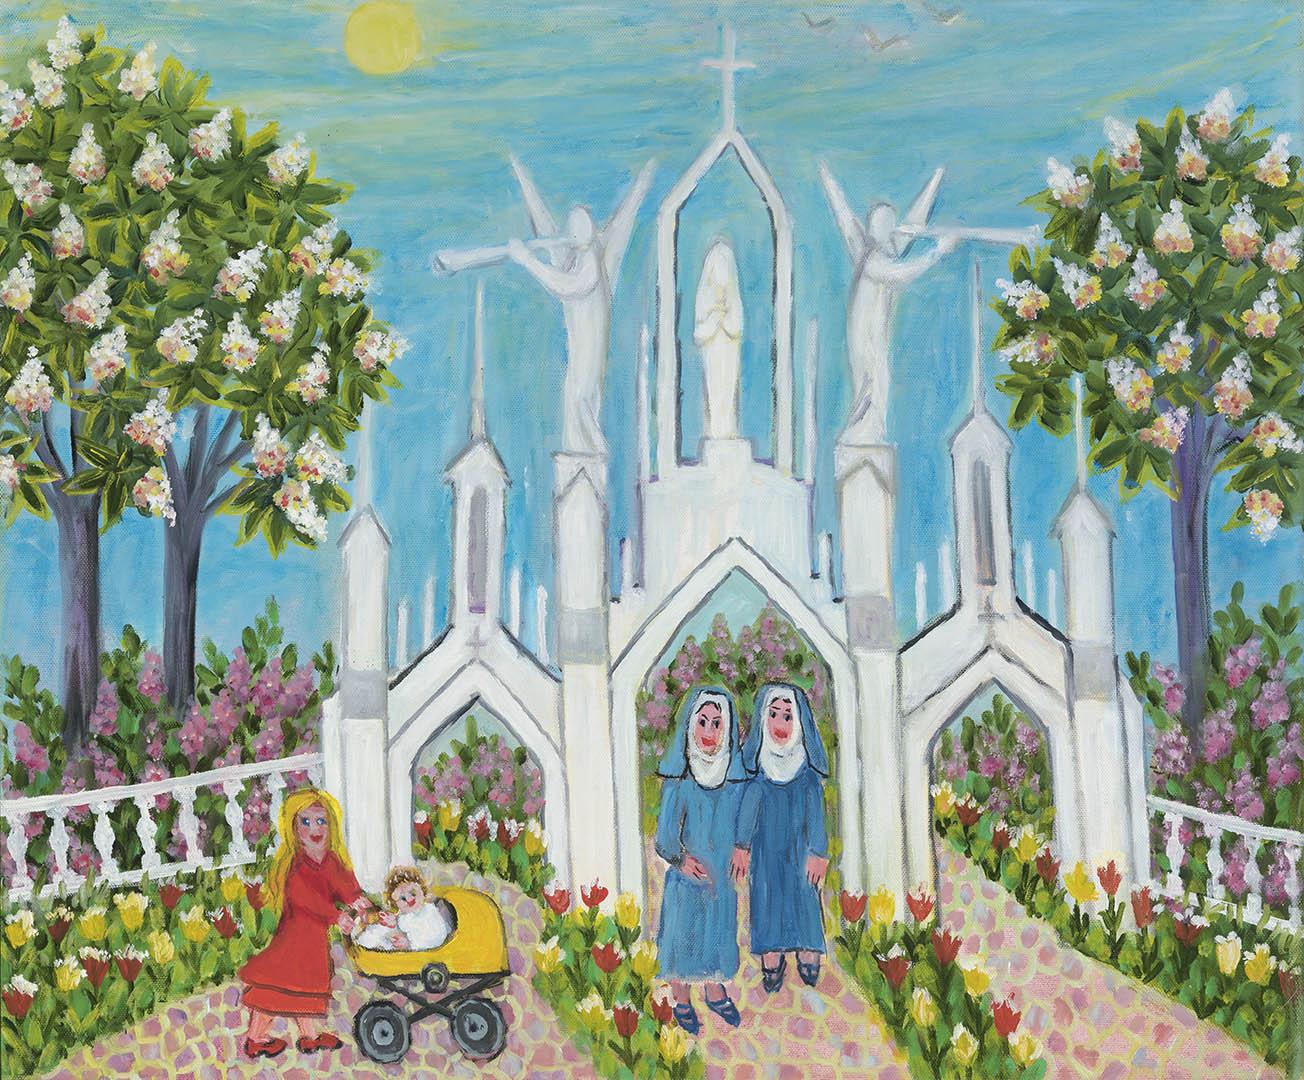 """Regina Juodžbalienė. """"Gustonių bažnyčios vartai"""", 2018 m. Drobė, aliejus; 50 x 60 cm"""